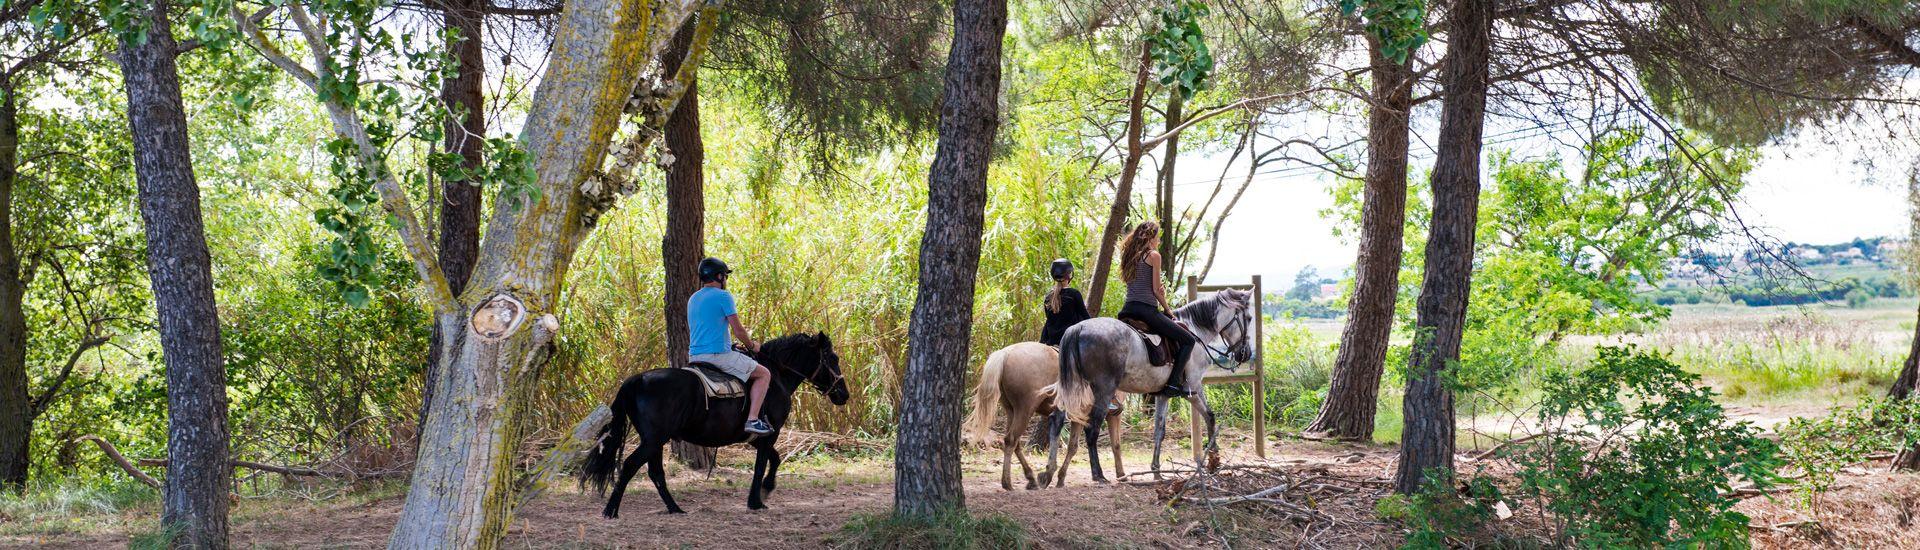 Domaines de vacances de portiragnes les tamaris les portes du soleil - Portes du soleil portiragnes ...